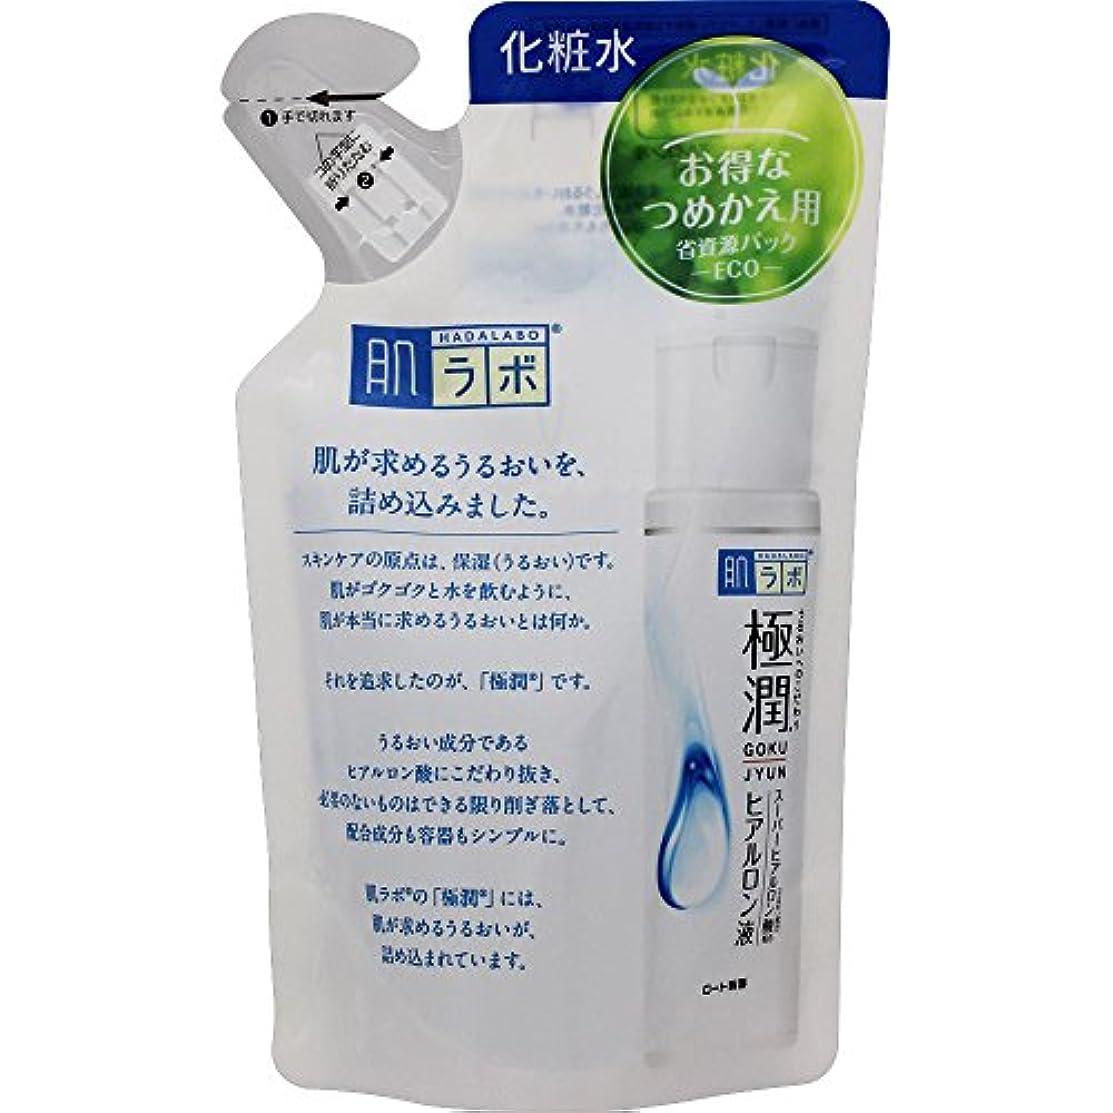 髄不従順原因肌ラボ 極潤 ヒアルロン酸 化粧水 ヒアルロン酸3種配合 詰替用 170ml